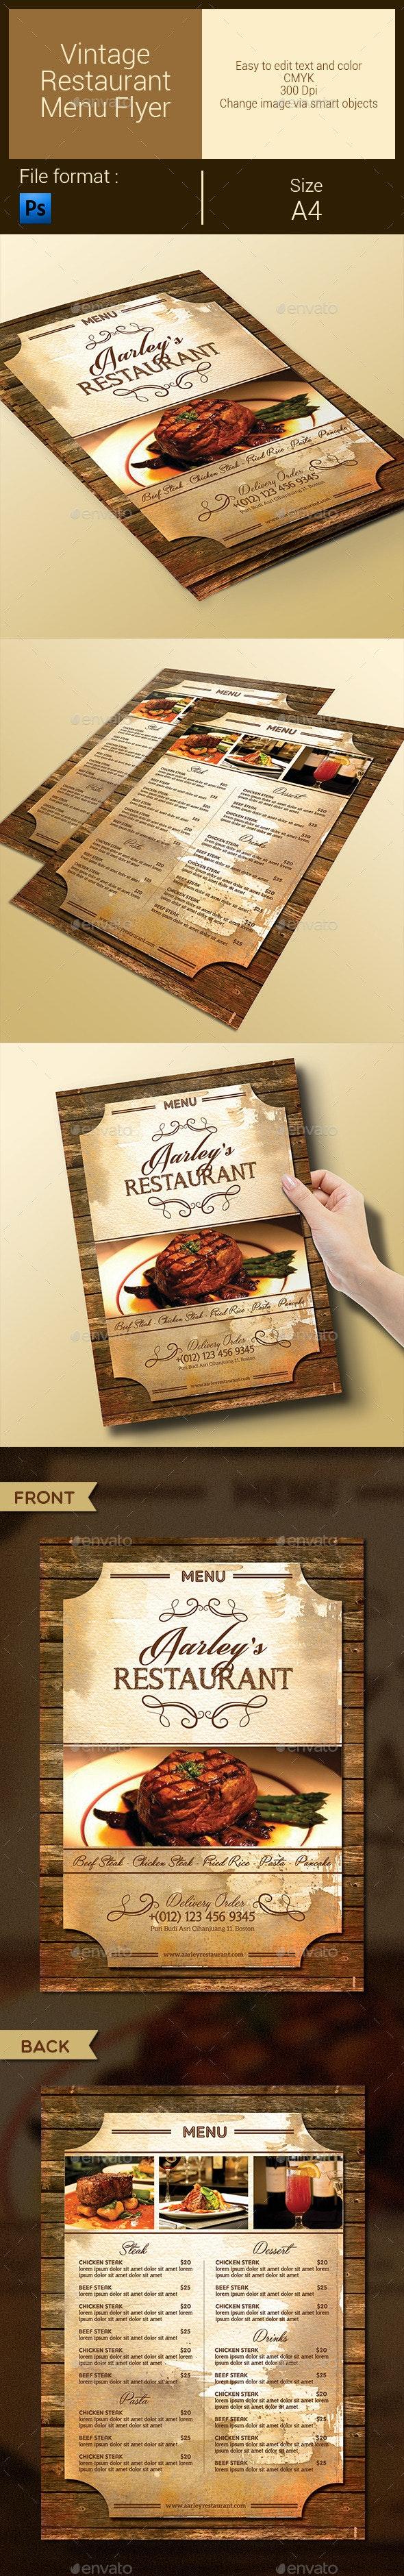 Vintage Restaurant Menu Flyer